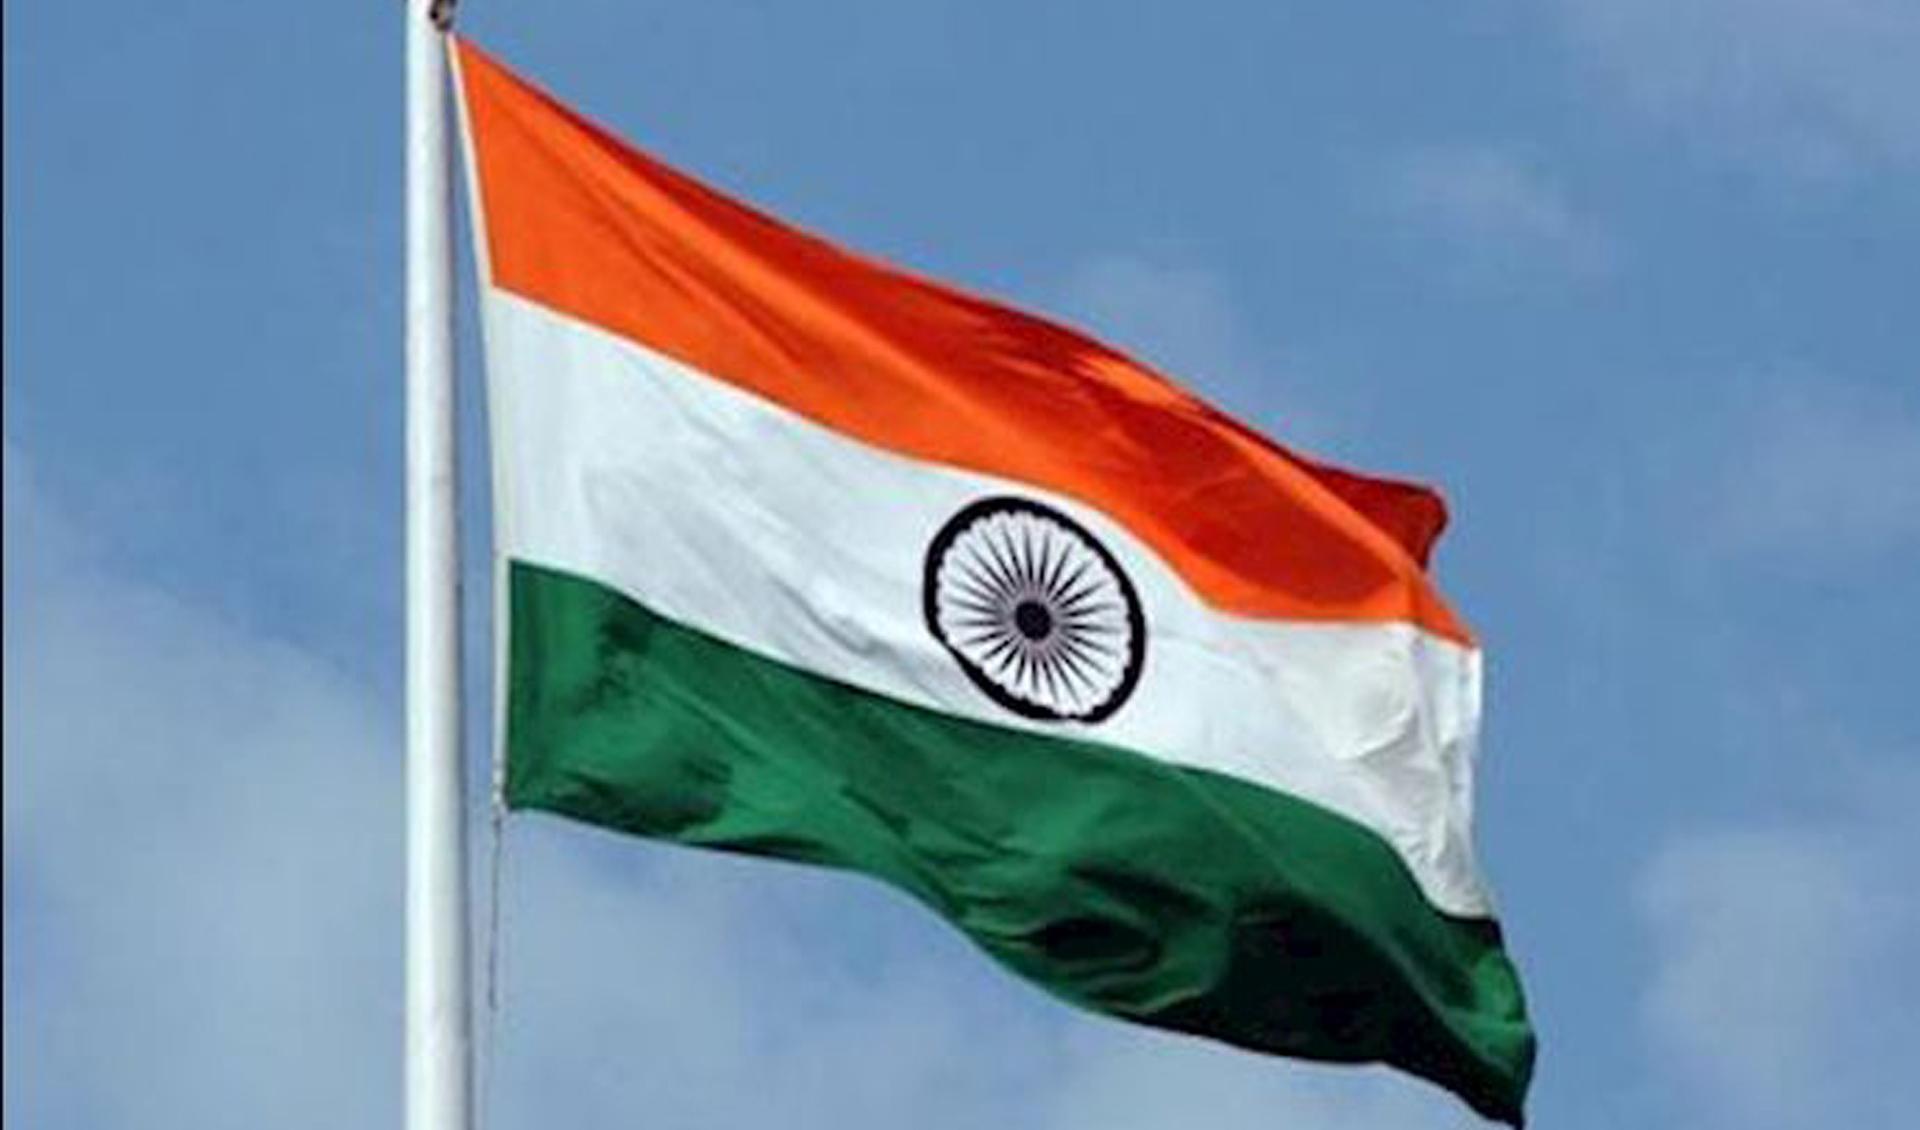 هند تا سال ۲۰۳۰ سومین مصرف کننده بزرگ انرژی جهان خواهد شد